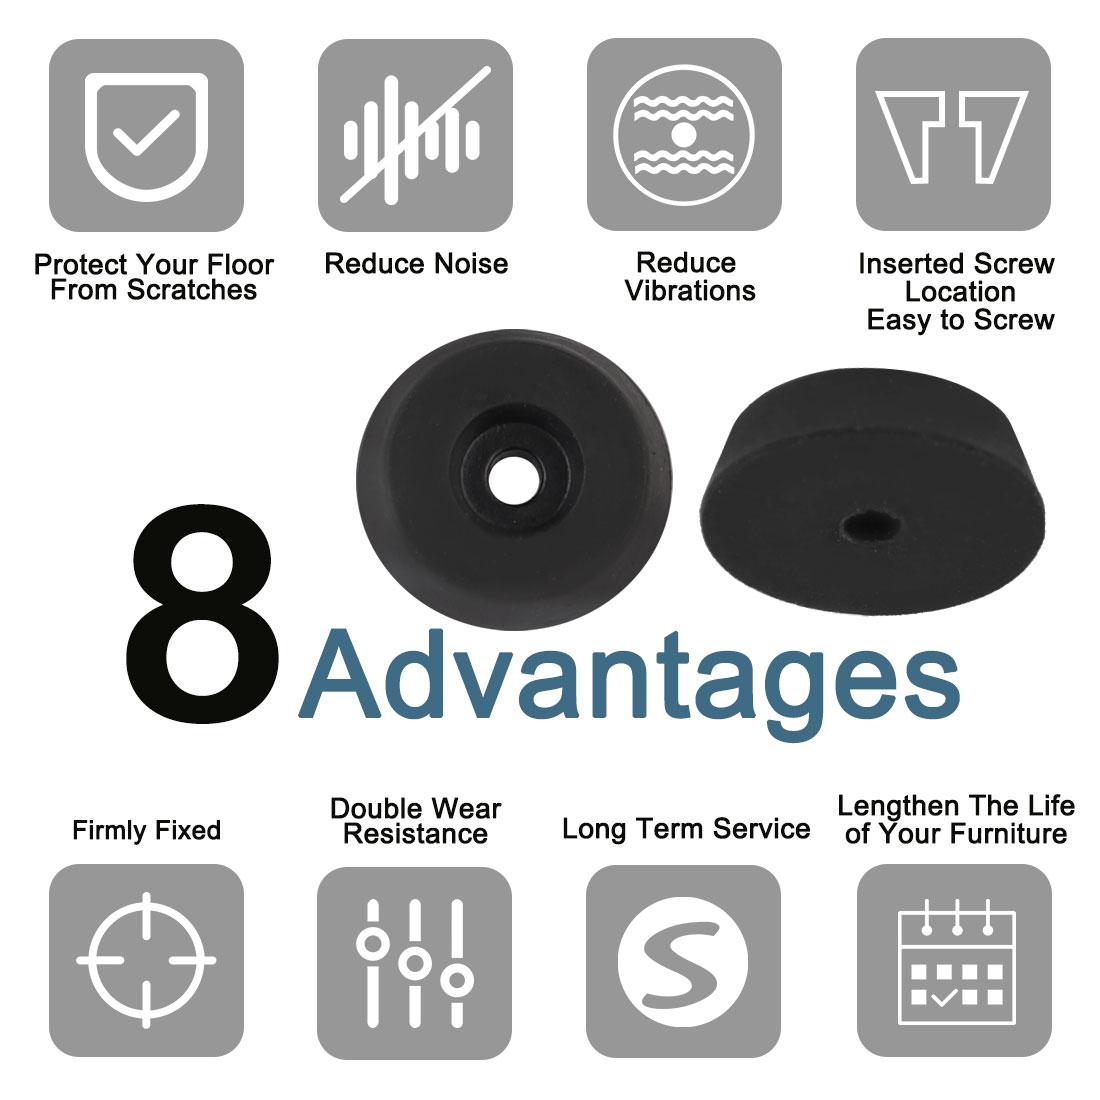 4pcs Rubber Feet Bumper Pads for Amplifier Printer Table Desk Leg, D18x15xH5mm - image 4 de 7